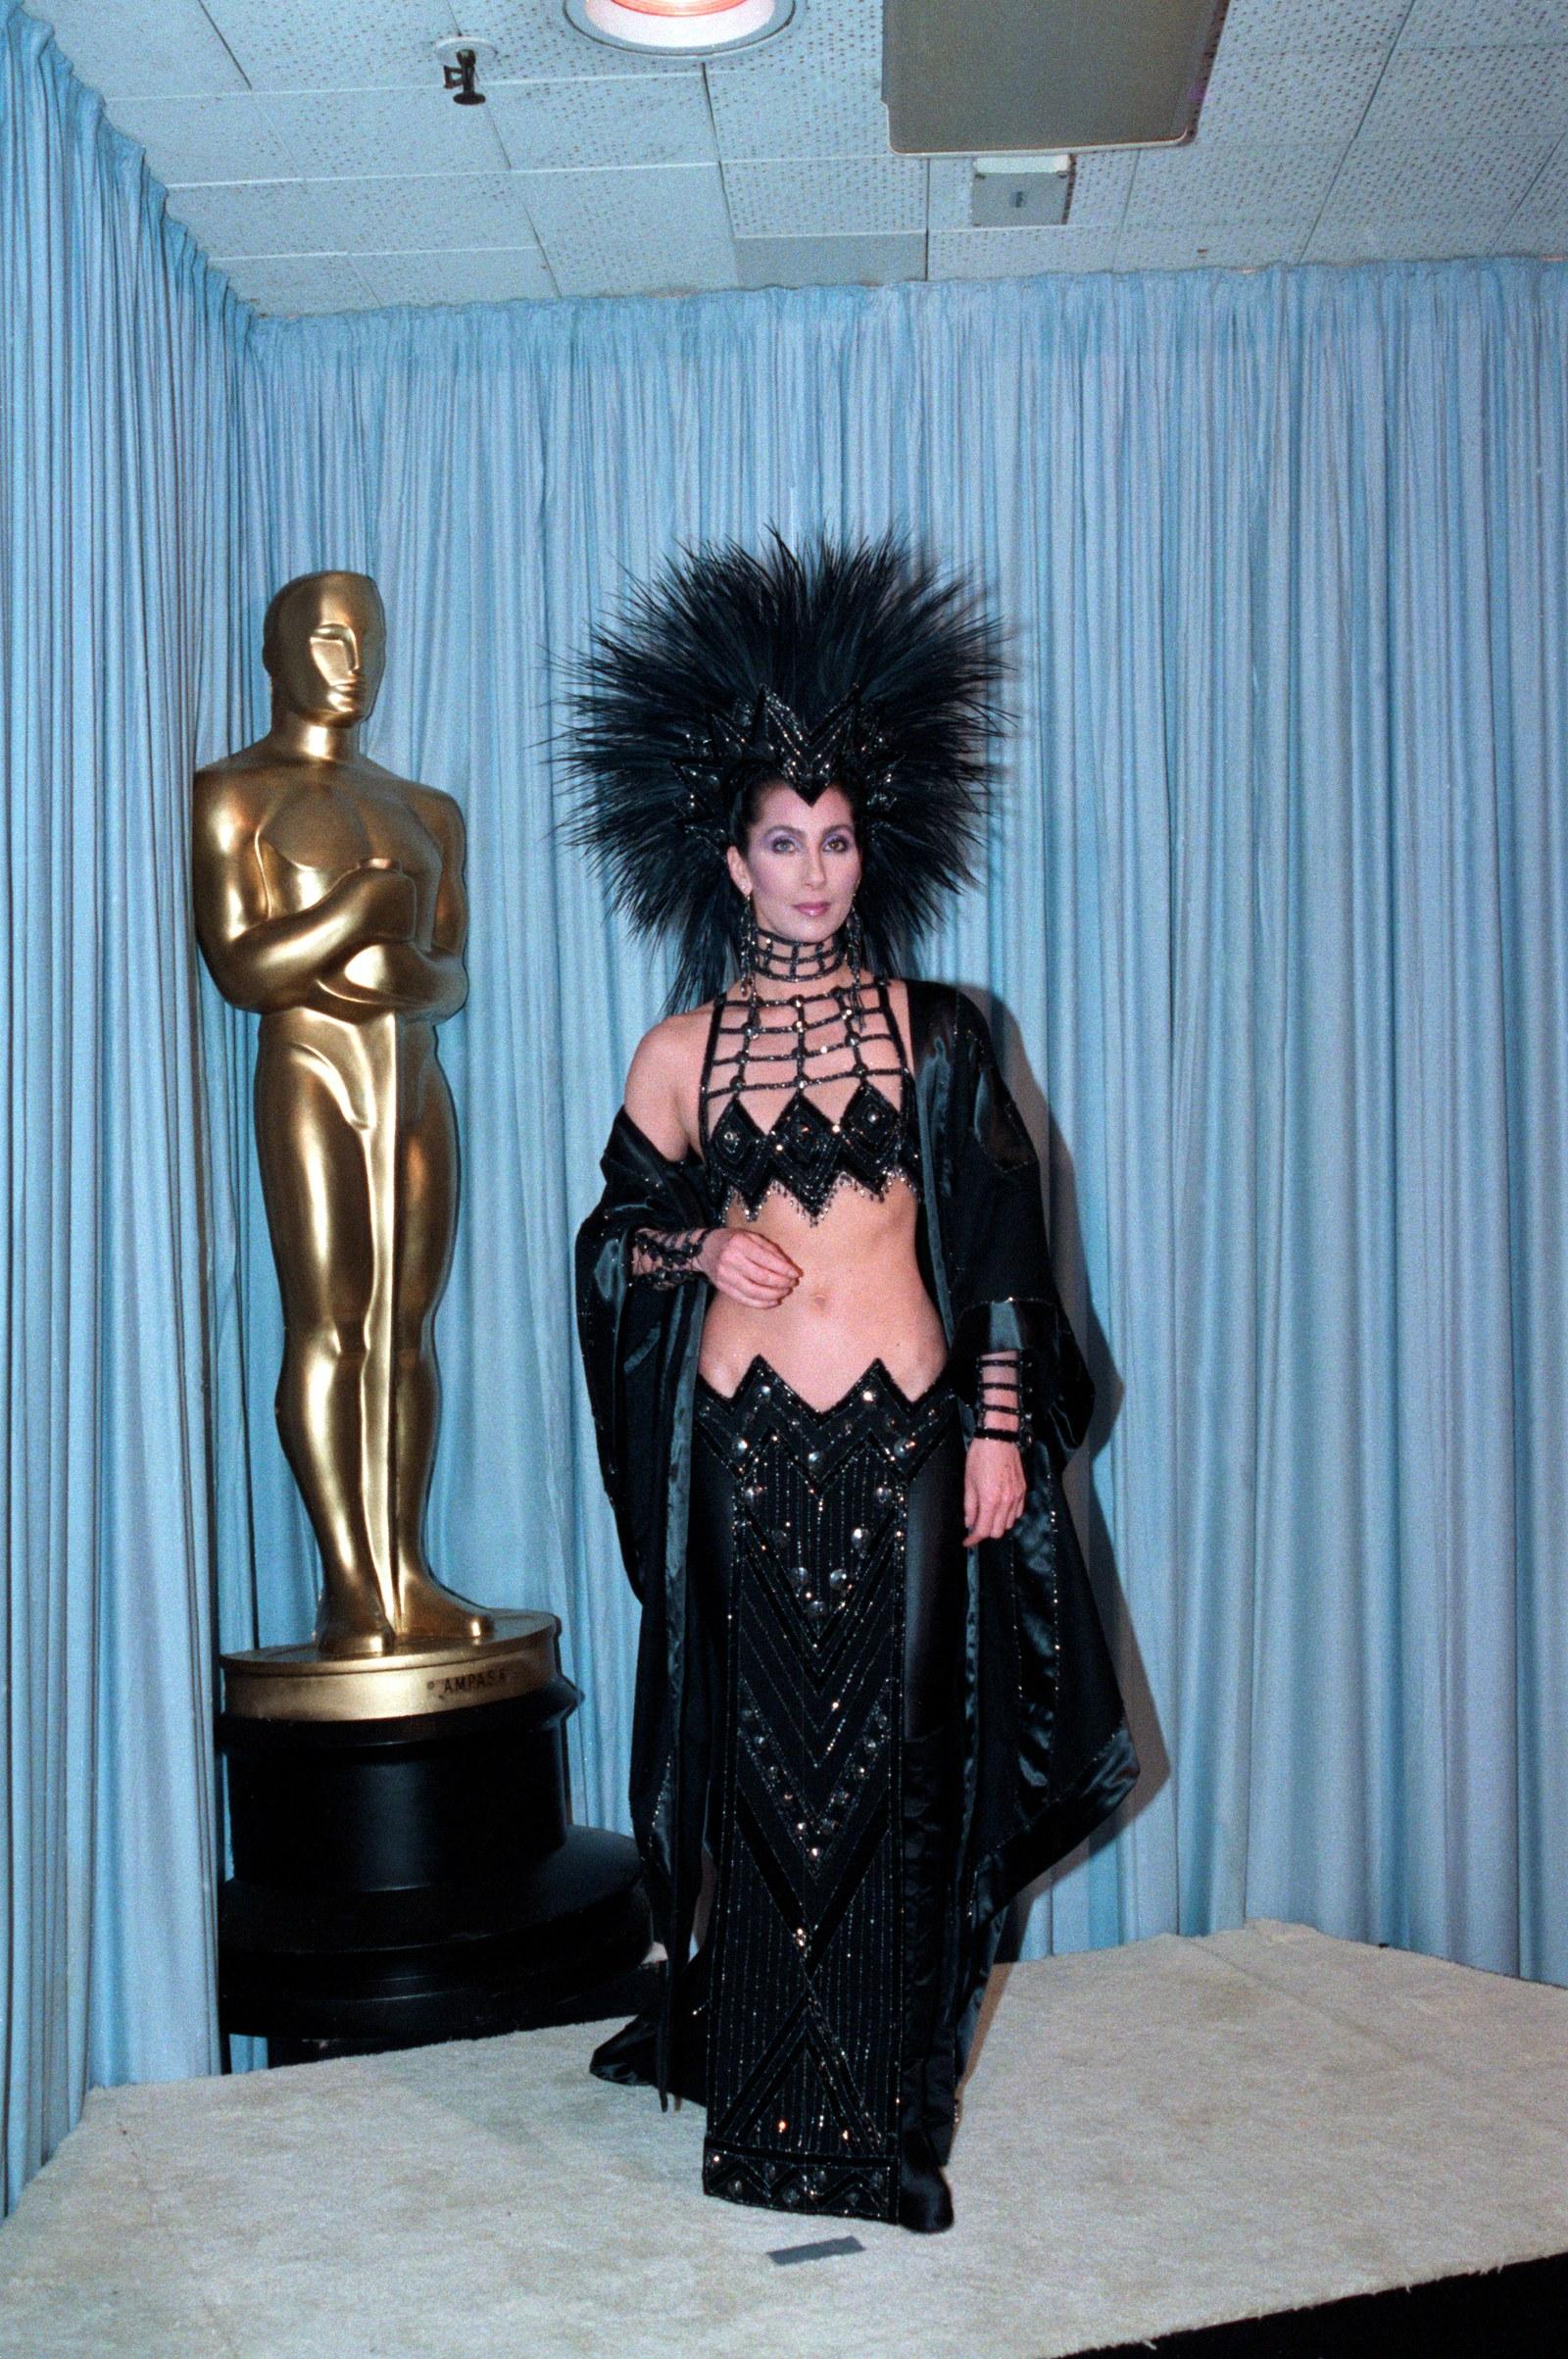 Cher, 1986 Cher, nữ hoàng sân khấu, chắc chắn đã đánh cắp thảm đỏ năm đó. Cô mặc một thiết kế của cộng tác viên lâu năm Bob Mackie: một chiếc váy đen đính sequin giữa lưng, hoàn chỉnh với một chiếc mũ lông đầy kịch tính. Đó là một diện mạo showgirl Las Vegas đầy đủ đã có người nói chuyện trong nhiều năm. Cô ấy đã mặc trang phục như một động thái thách thức chống lại Học viện, mà không thể đề cử cô ấy cho lượt của cô ấy trong Mặt nạ. Mặc dù Cher có thể hối tiếc sự lựa chọn, dù sao nó vẫn là biểu tượng. Tôi biết một số người trong Học viện đã không nghĩ rằng tôi là một nữ diễn viên nghiêm túc, cô ấy nói với tạp chí Vogue của Anh. Tôi luôn cảm thấy hơi buồn khi trao cho Don Ameche giải thưởng nam diễn viên phụ xuất sắc nhất trong bộ trang phục đó. Nó dường như làm anh hơi lo lắng.